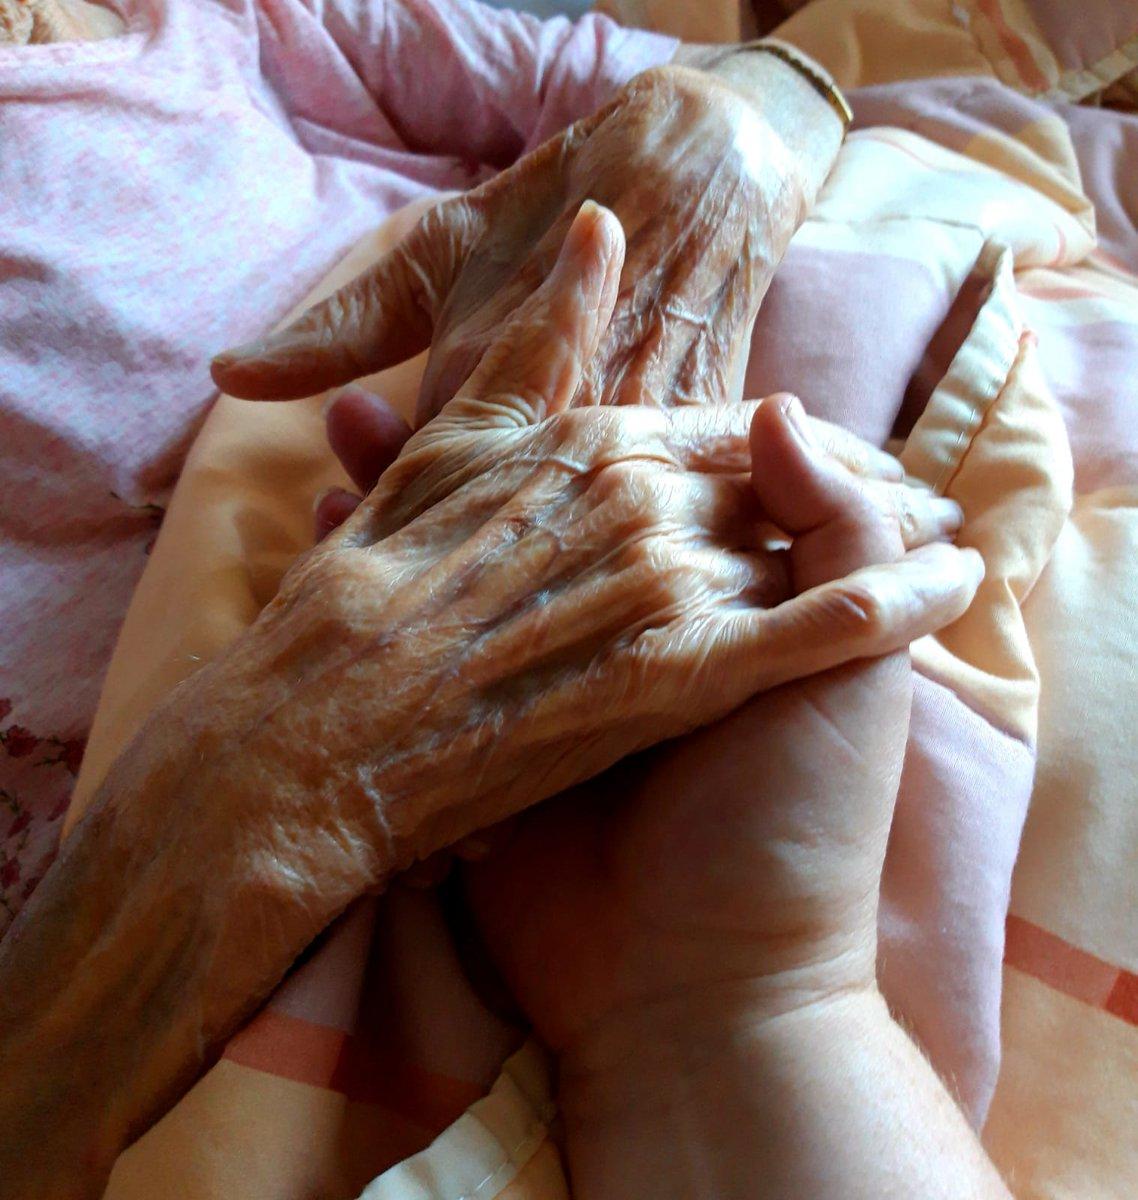 Dit zijn mijn handen, hou ze vast en blijf een beetje hier Dit zijn mijn handen, hou ze vast, het zijn er samen vier Twee handen, ach, wat moet ik ermee Vier is veel meer, veel meer dan twee Dit zijn mijn handen, hou ze vast en blijf een beetje bij me...❤ #ikzorg #ouderenzorg https://t.co/tvSIhwp7KQ